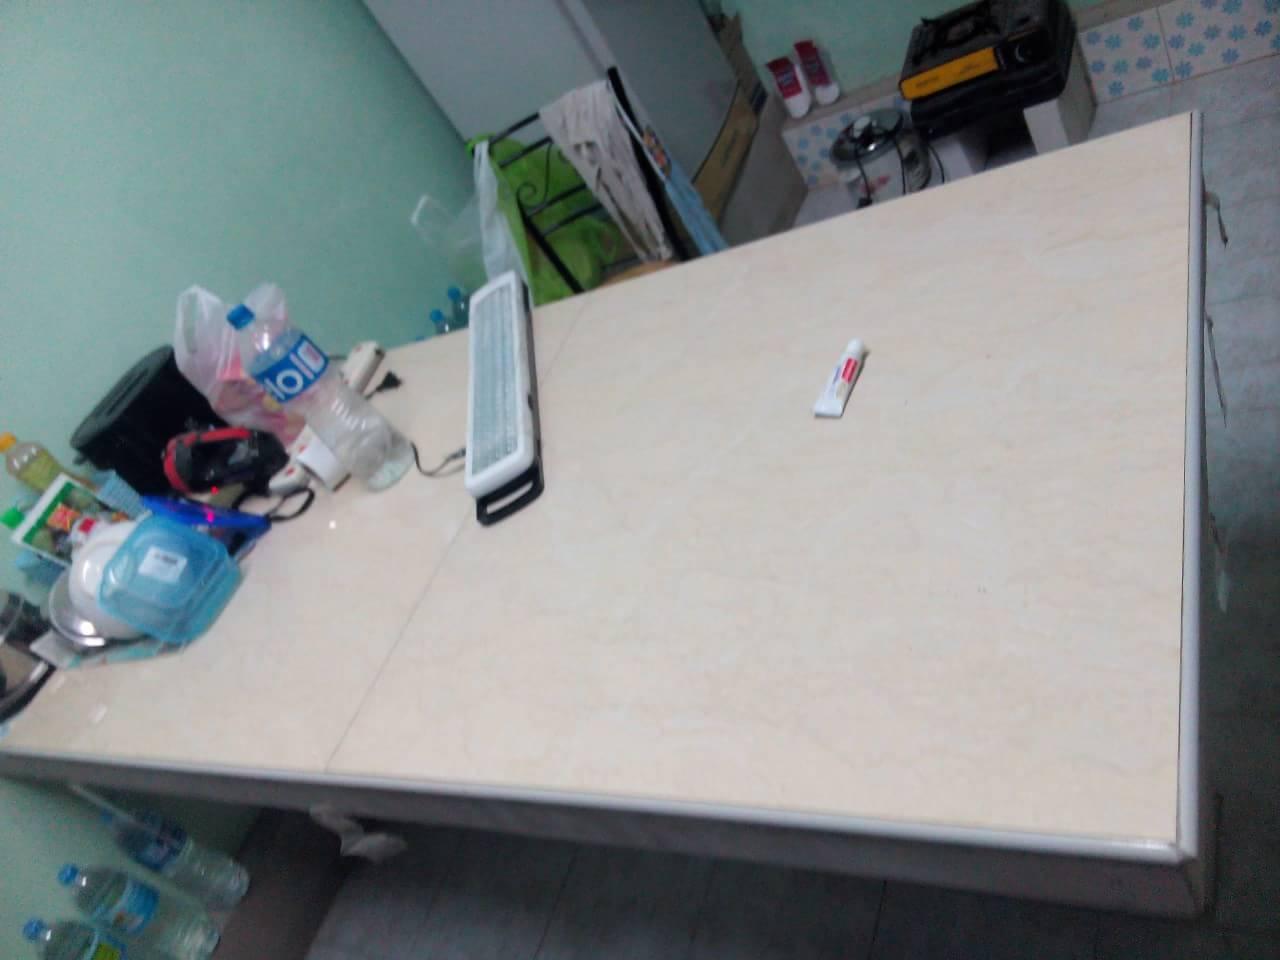 ทำโต๊ะทำกับขาว